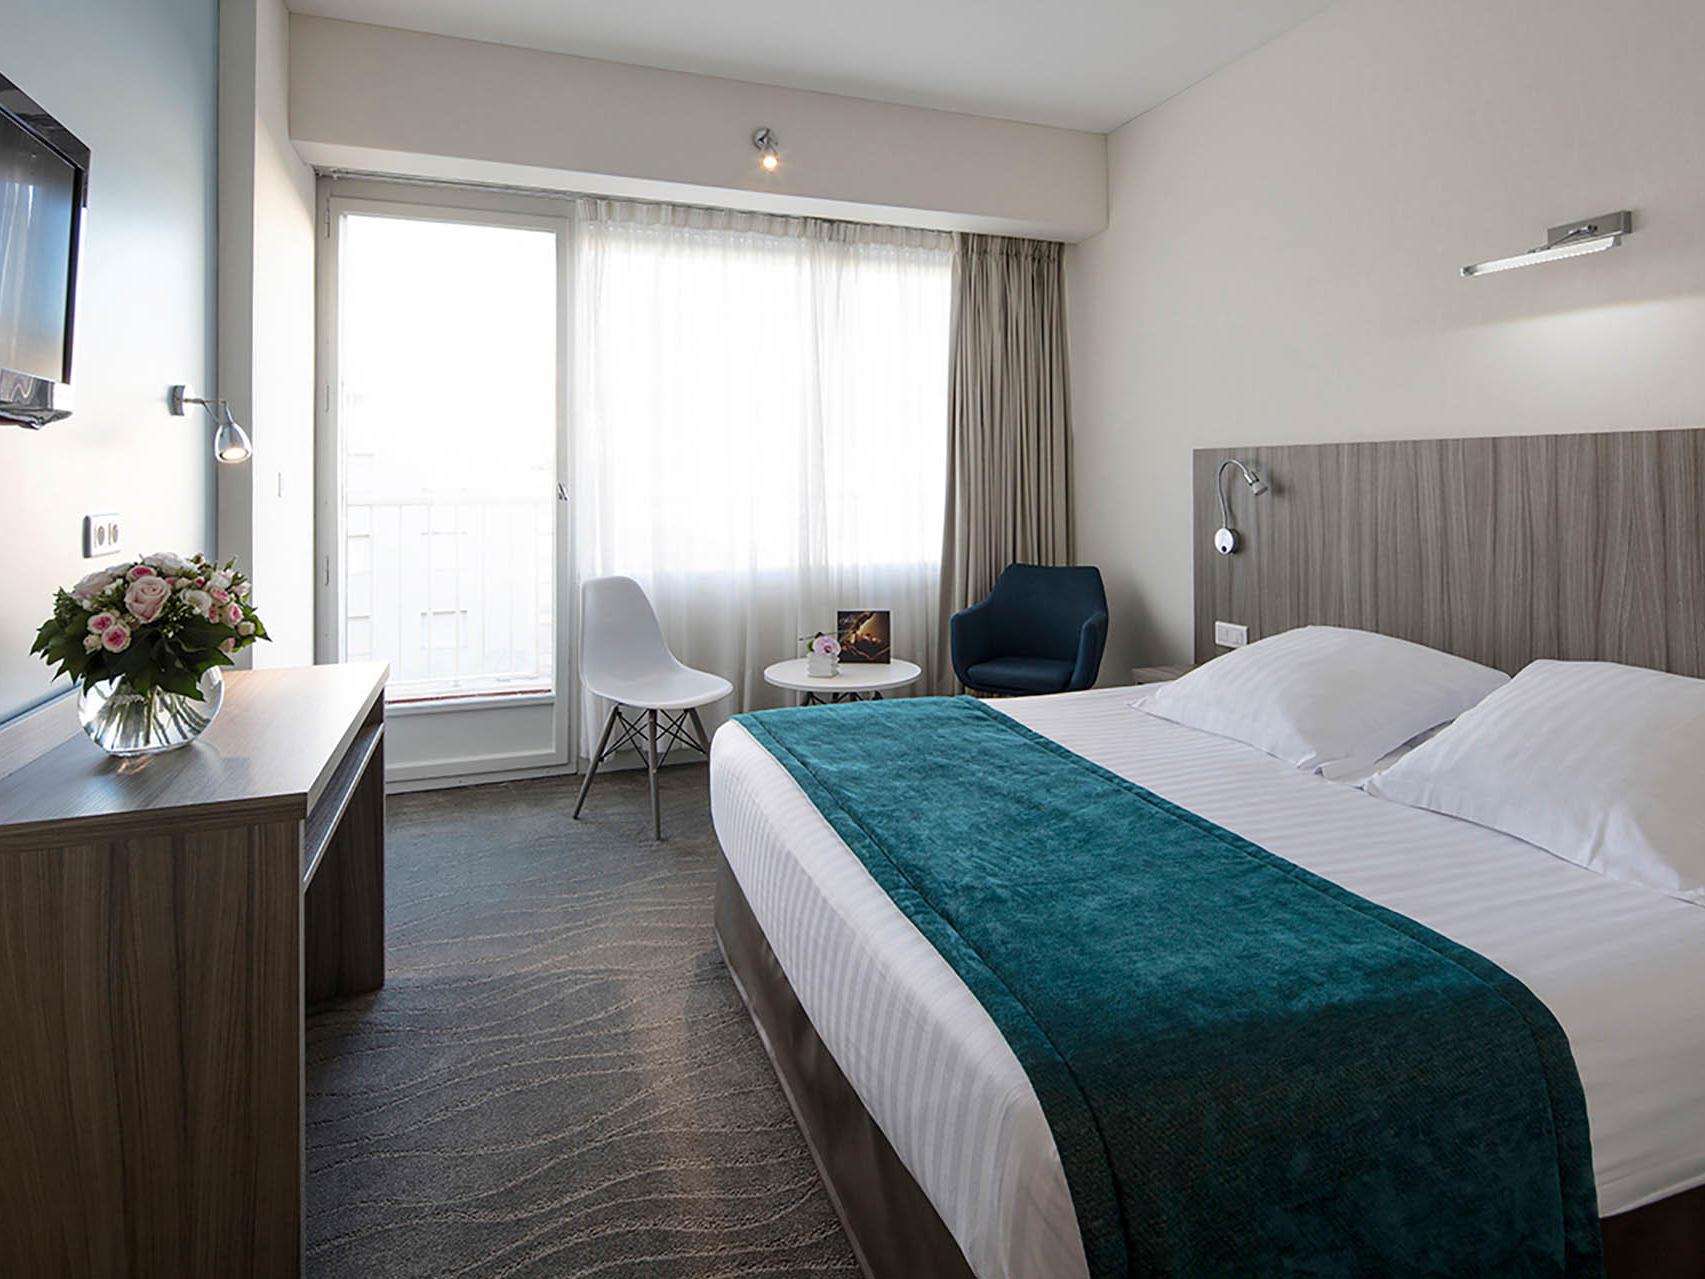 Harmonie Room at Splendid Hotel and Spa